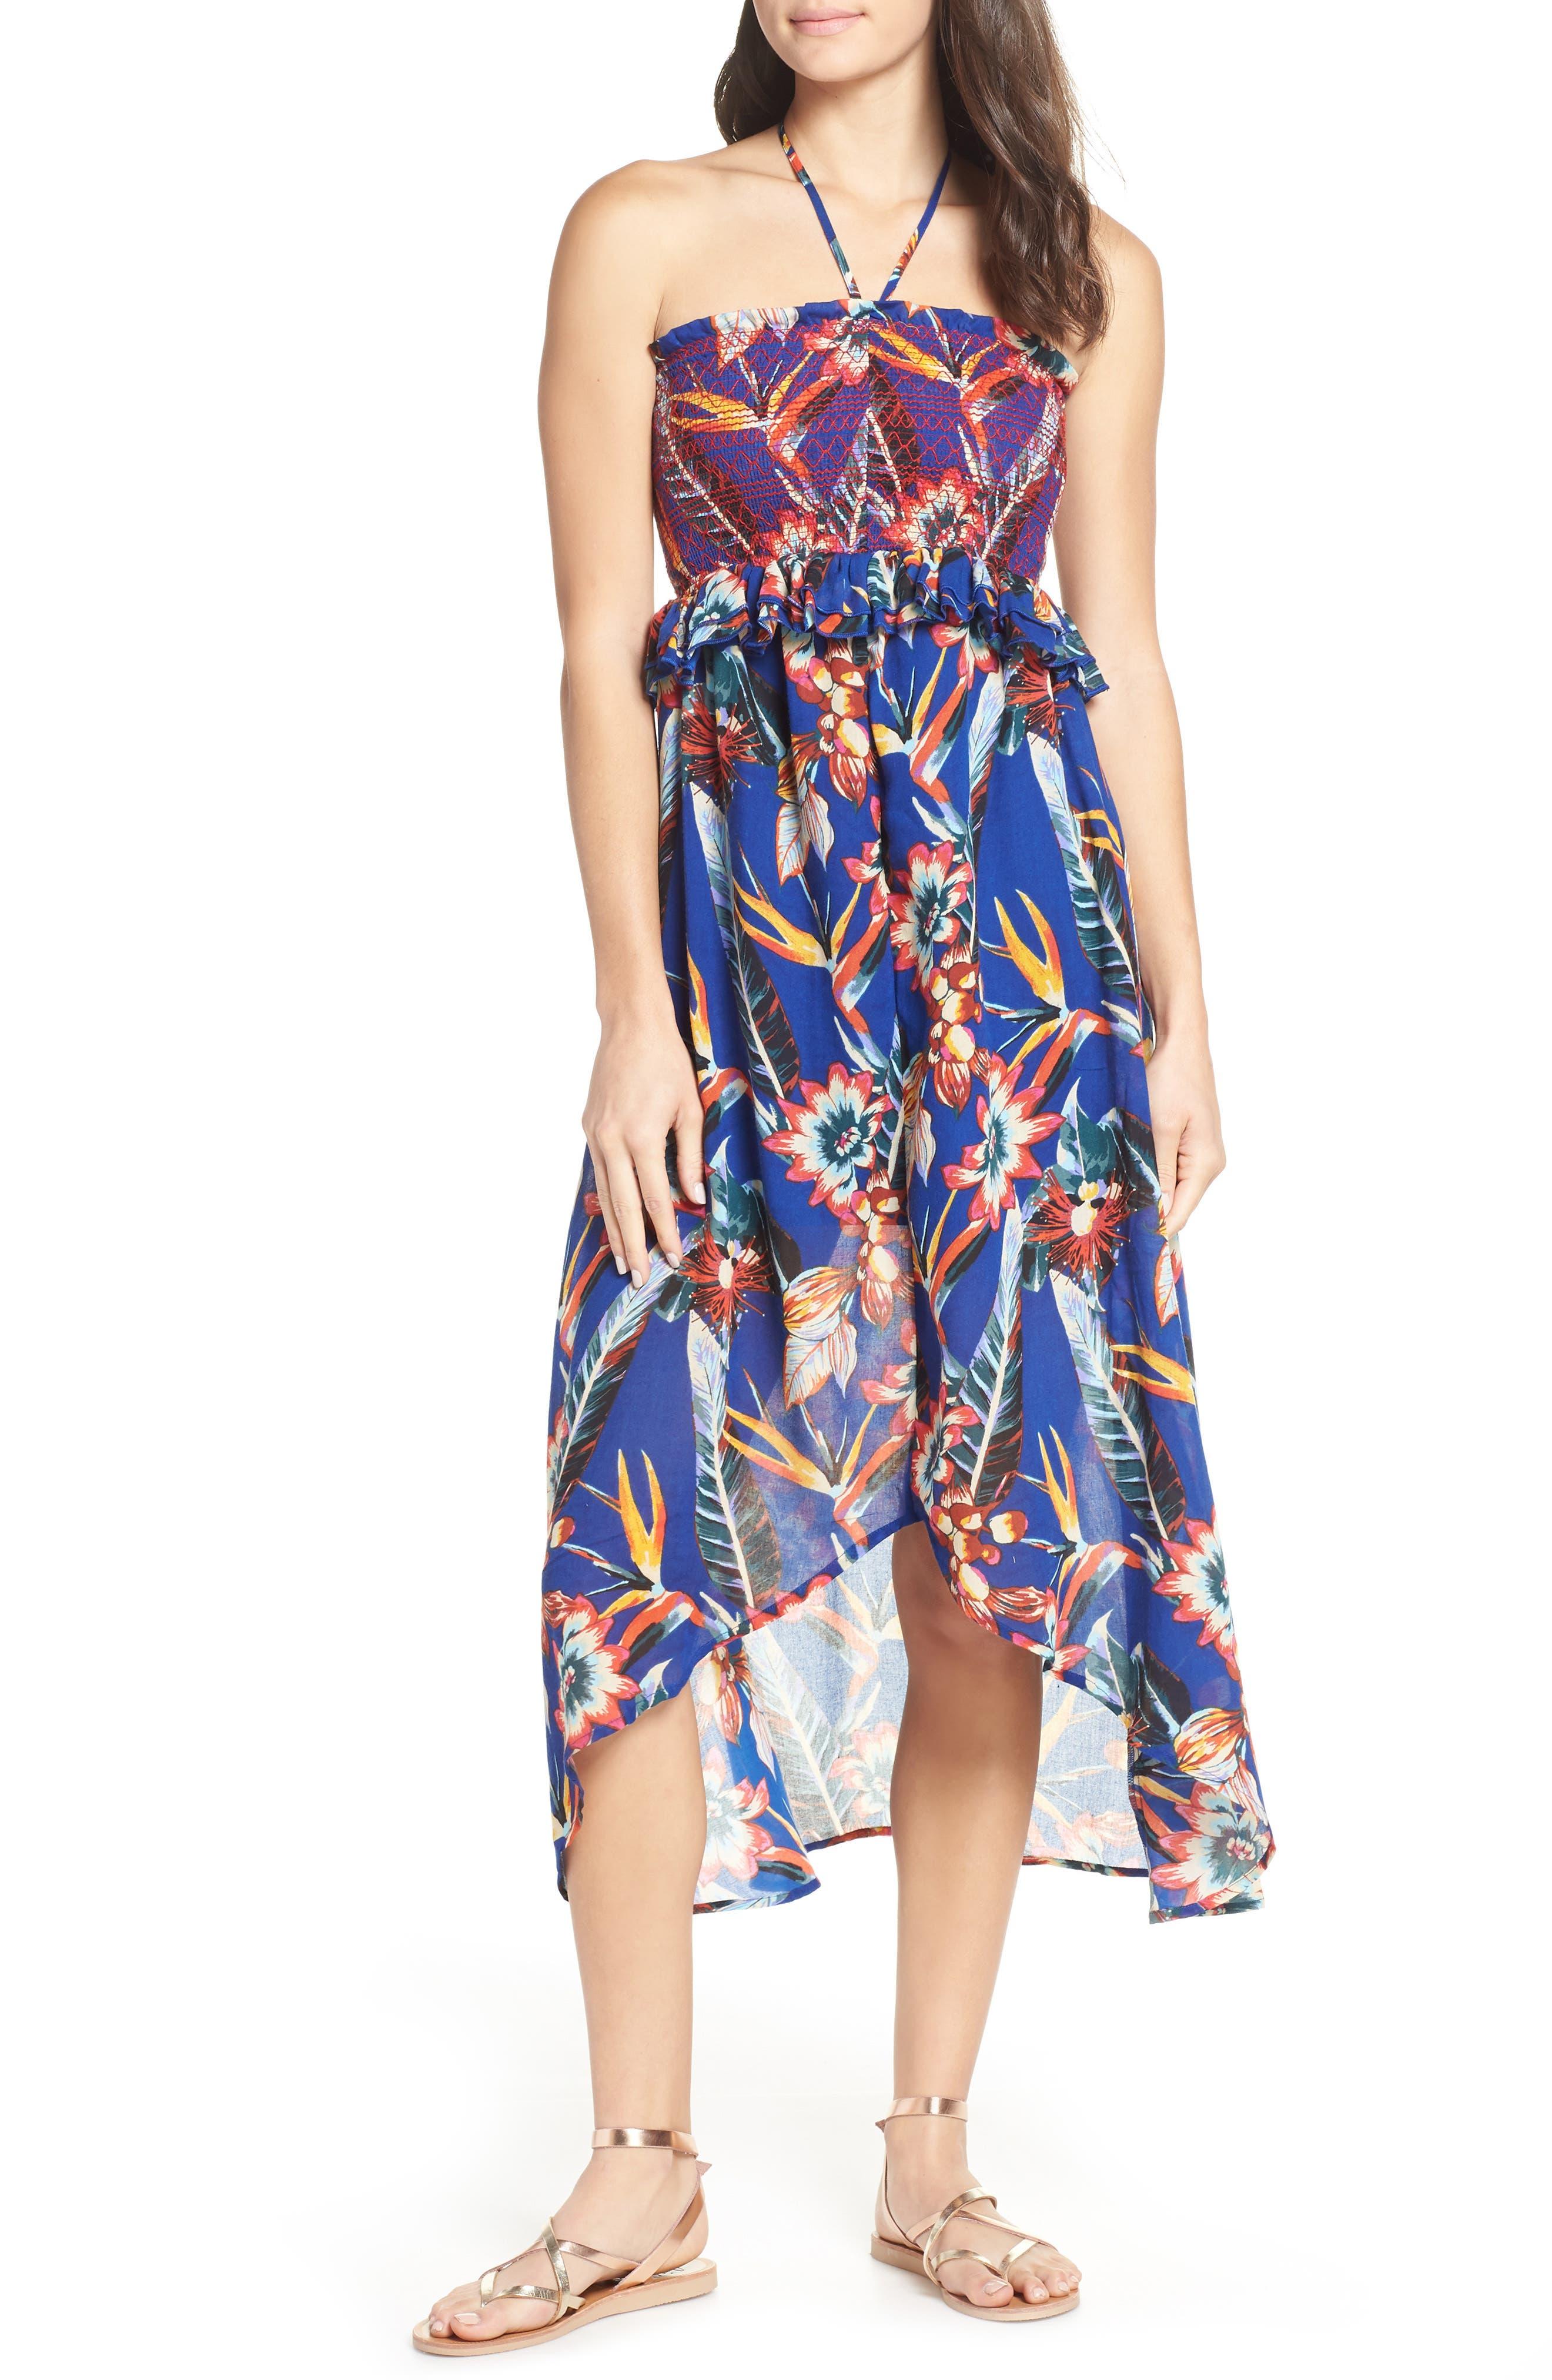 RED CARTER Smocked Palm Print Halter Dress